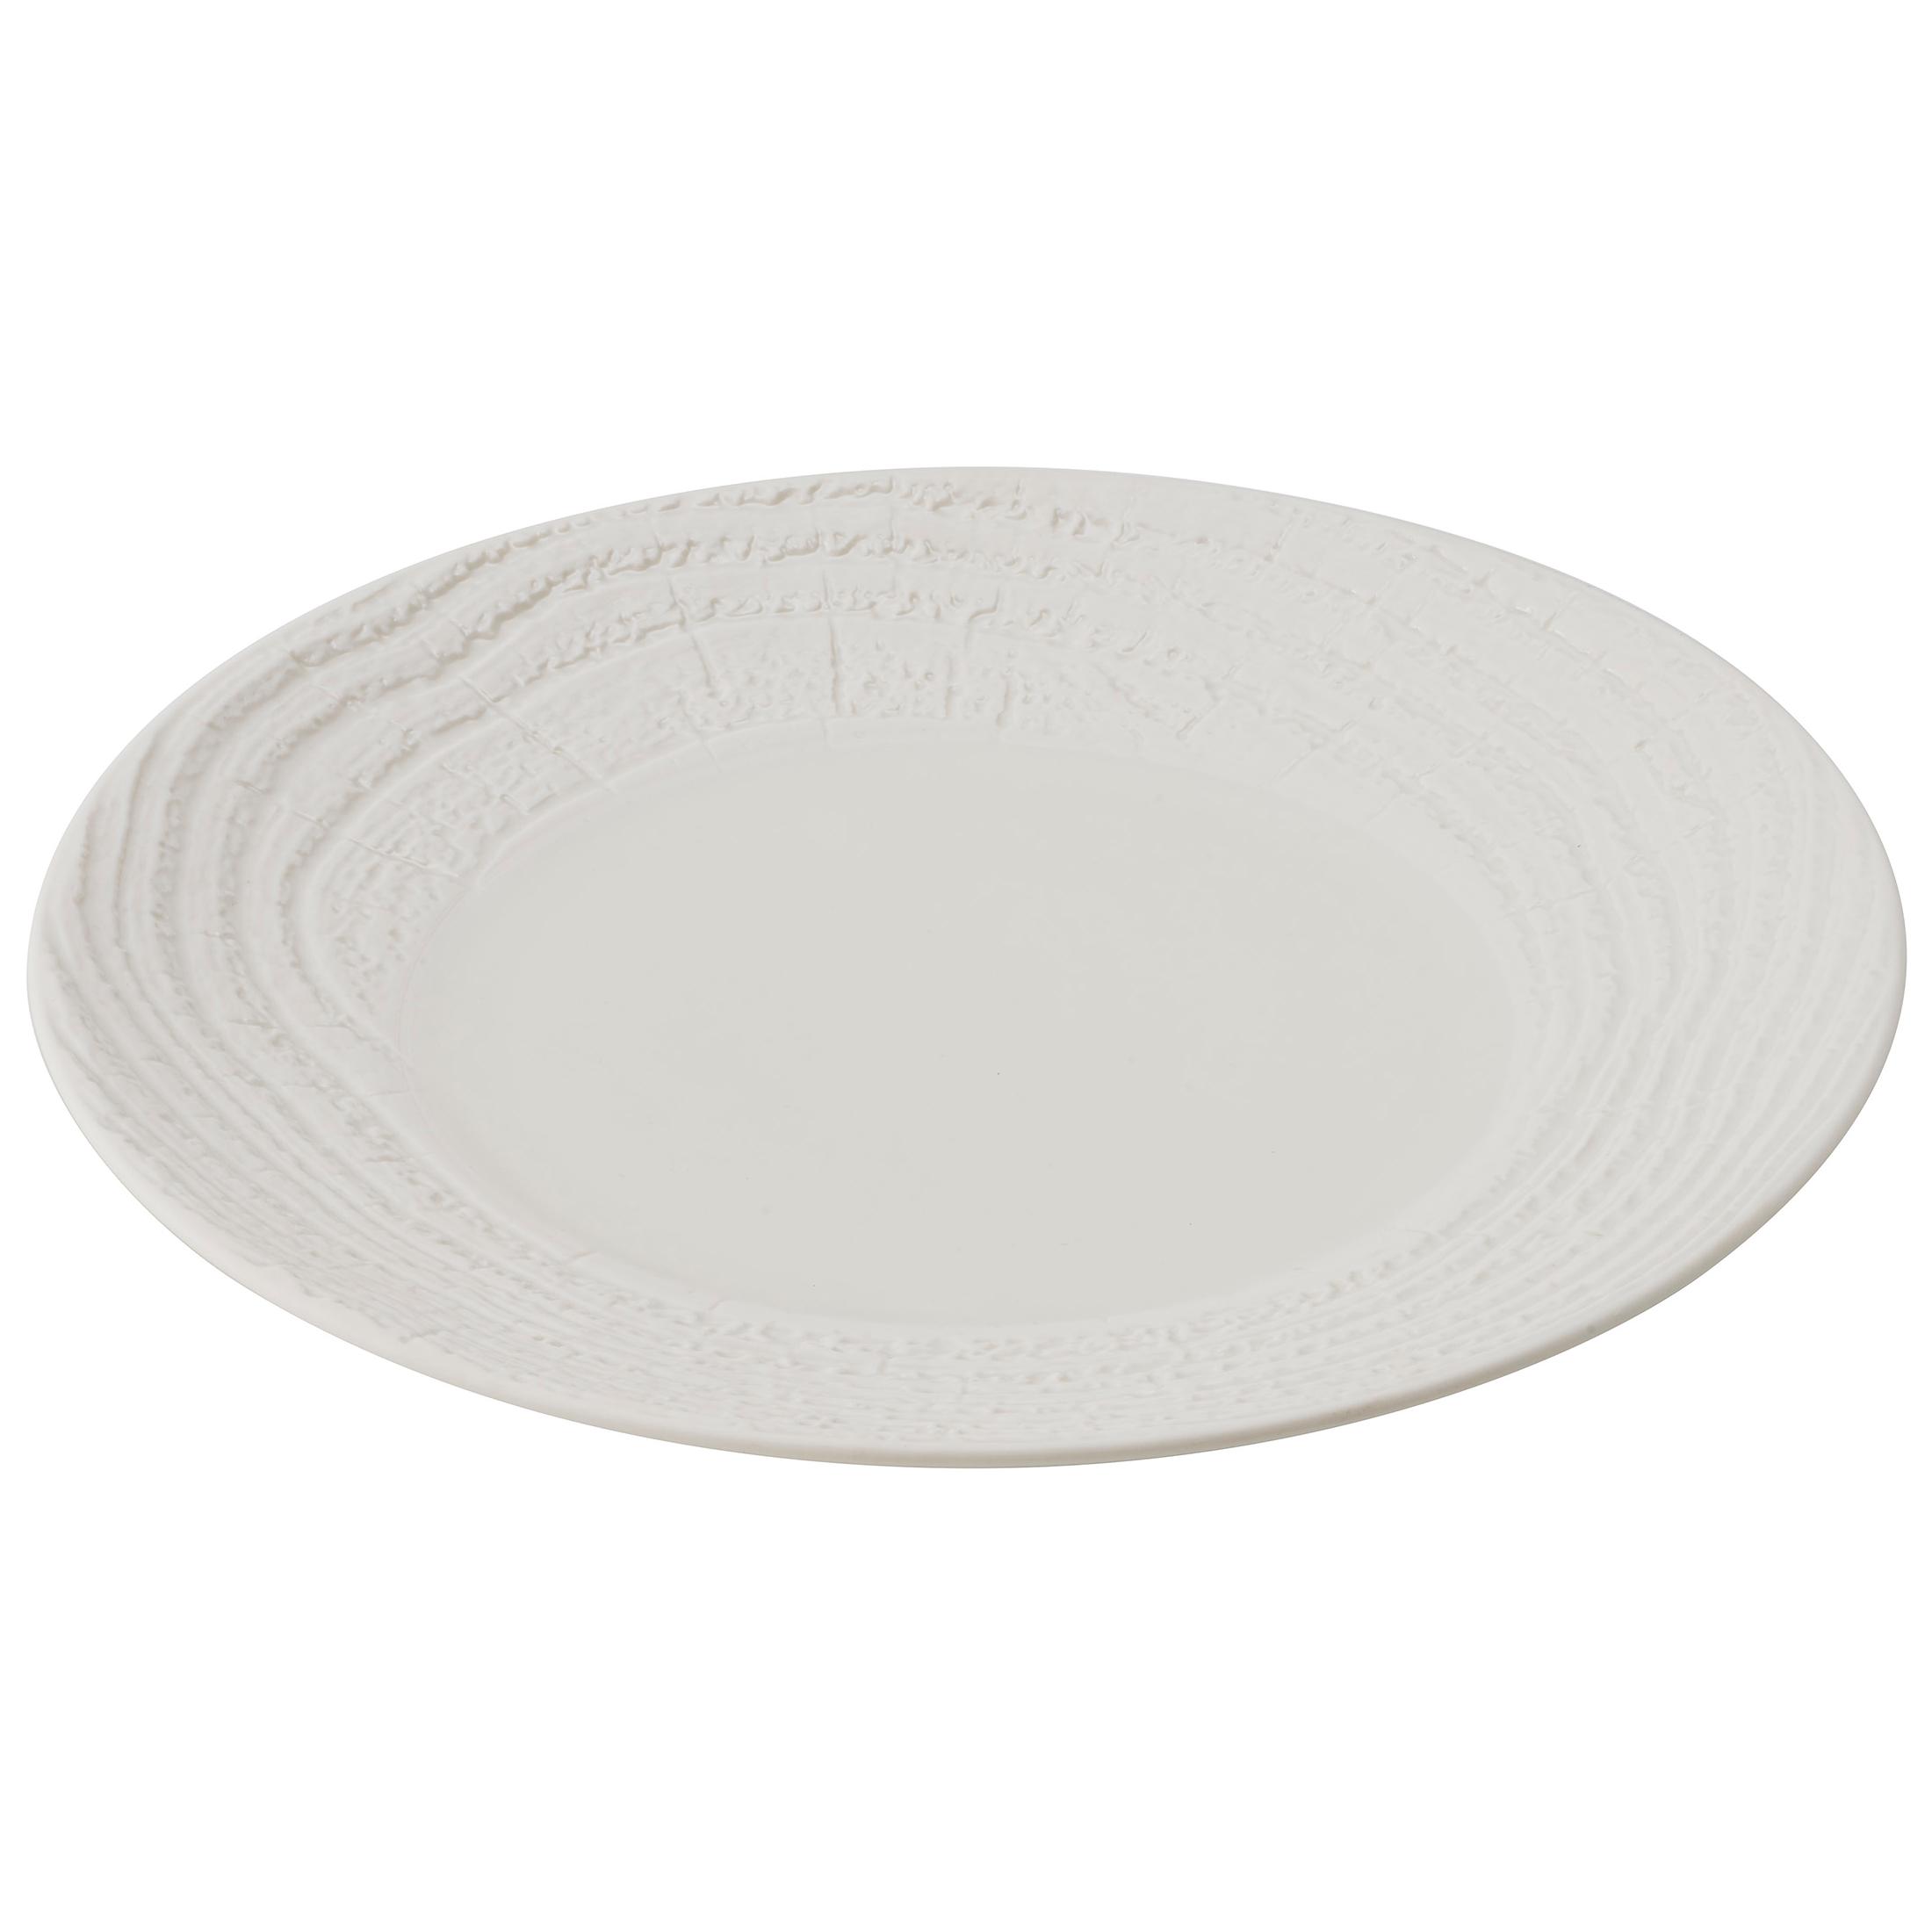 Revol Arborescence Ivory Porcelain 10.5 Inch Dinner Plate